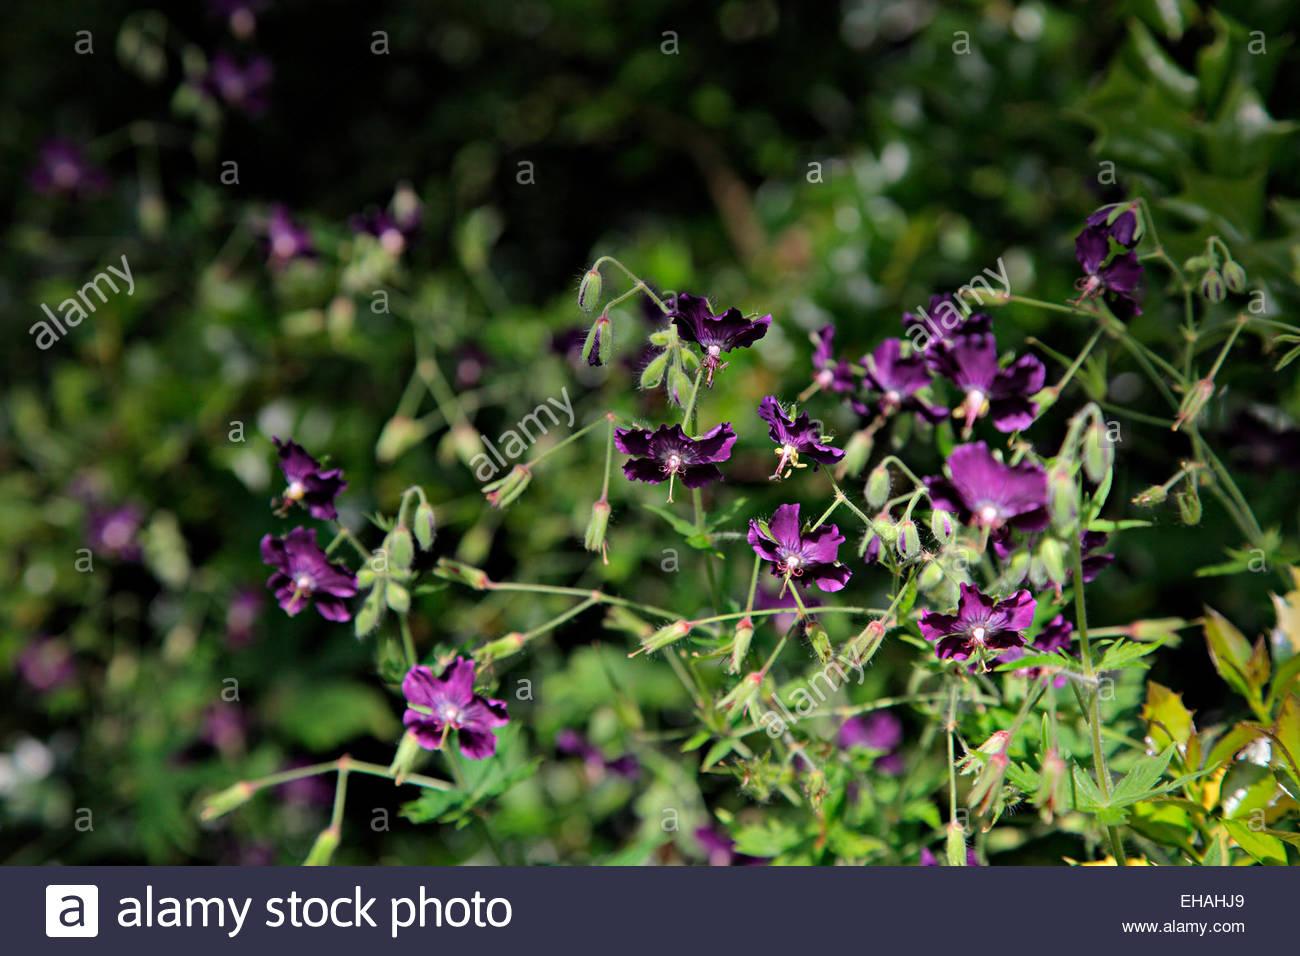 Geranium Phaeum Var Phaeum Flores Negras Syn Geranium Phaeum